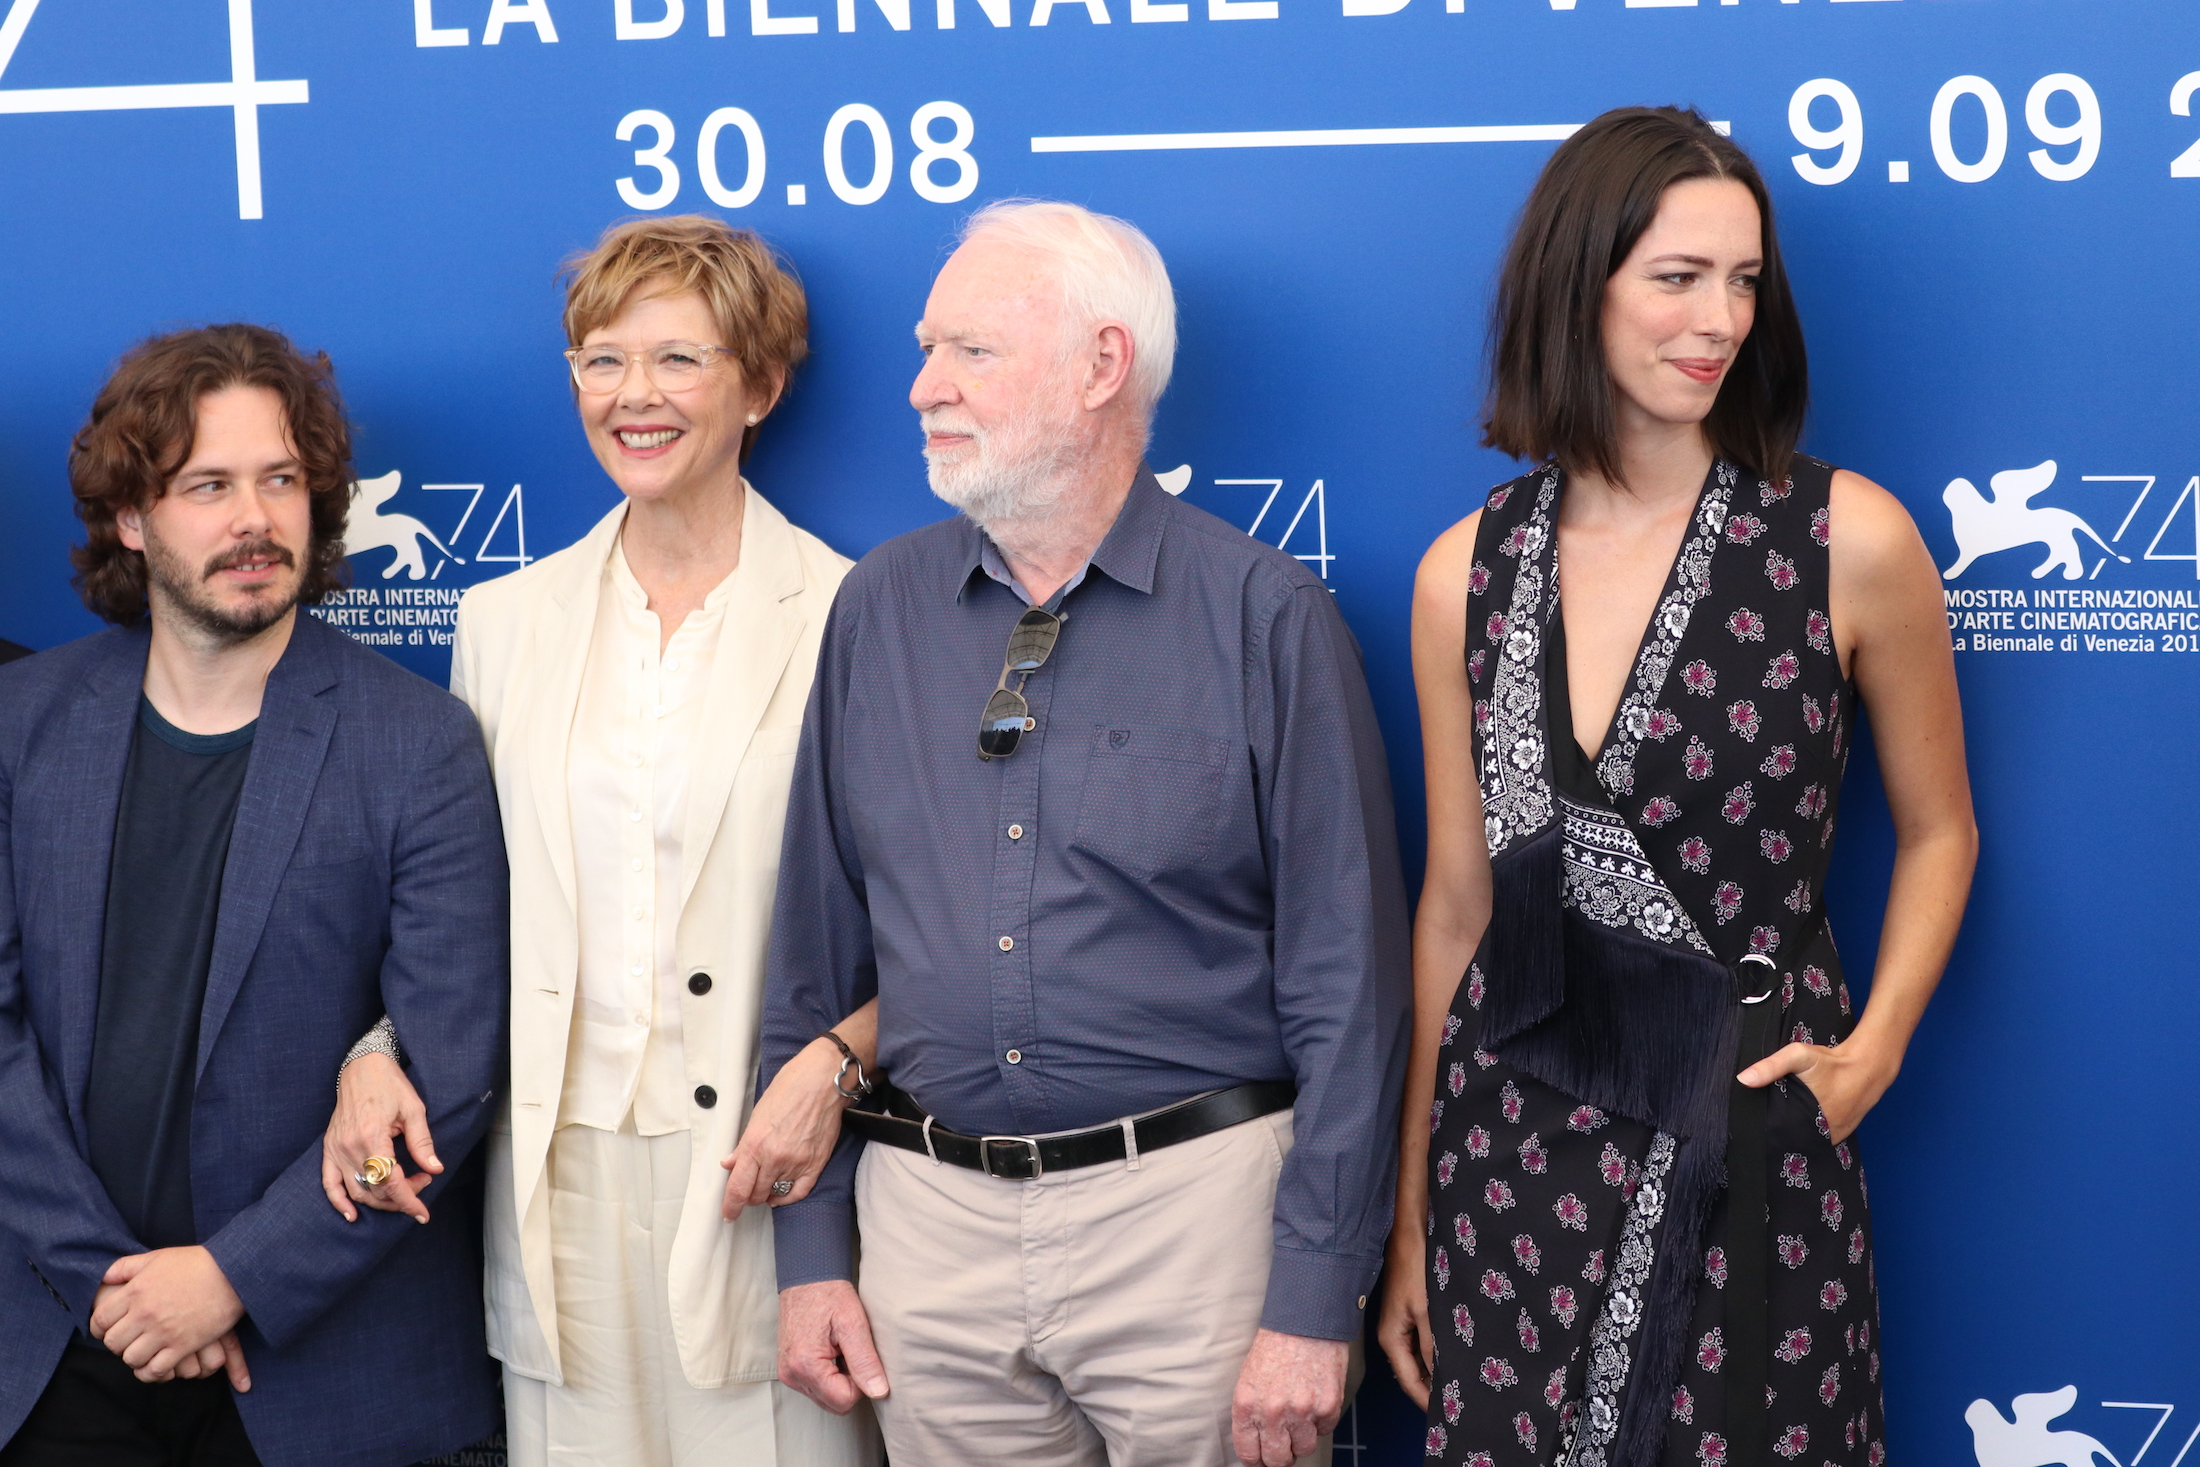 Venezia 2017: Edgar Wright, David Stratton, Annette Bening, Rebecca Hall al photocall delle giurie